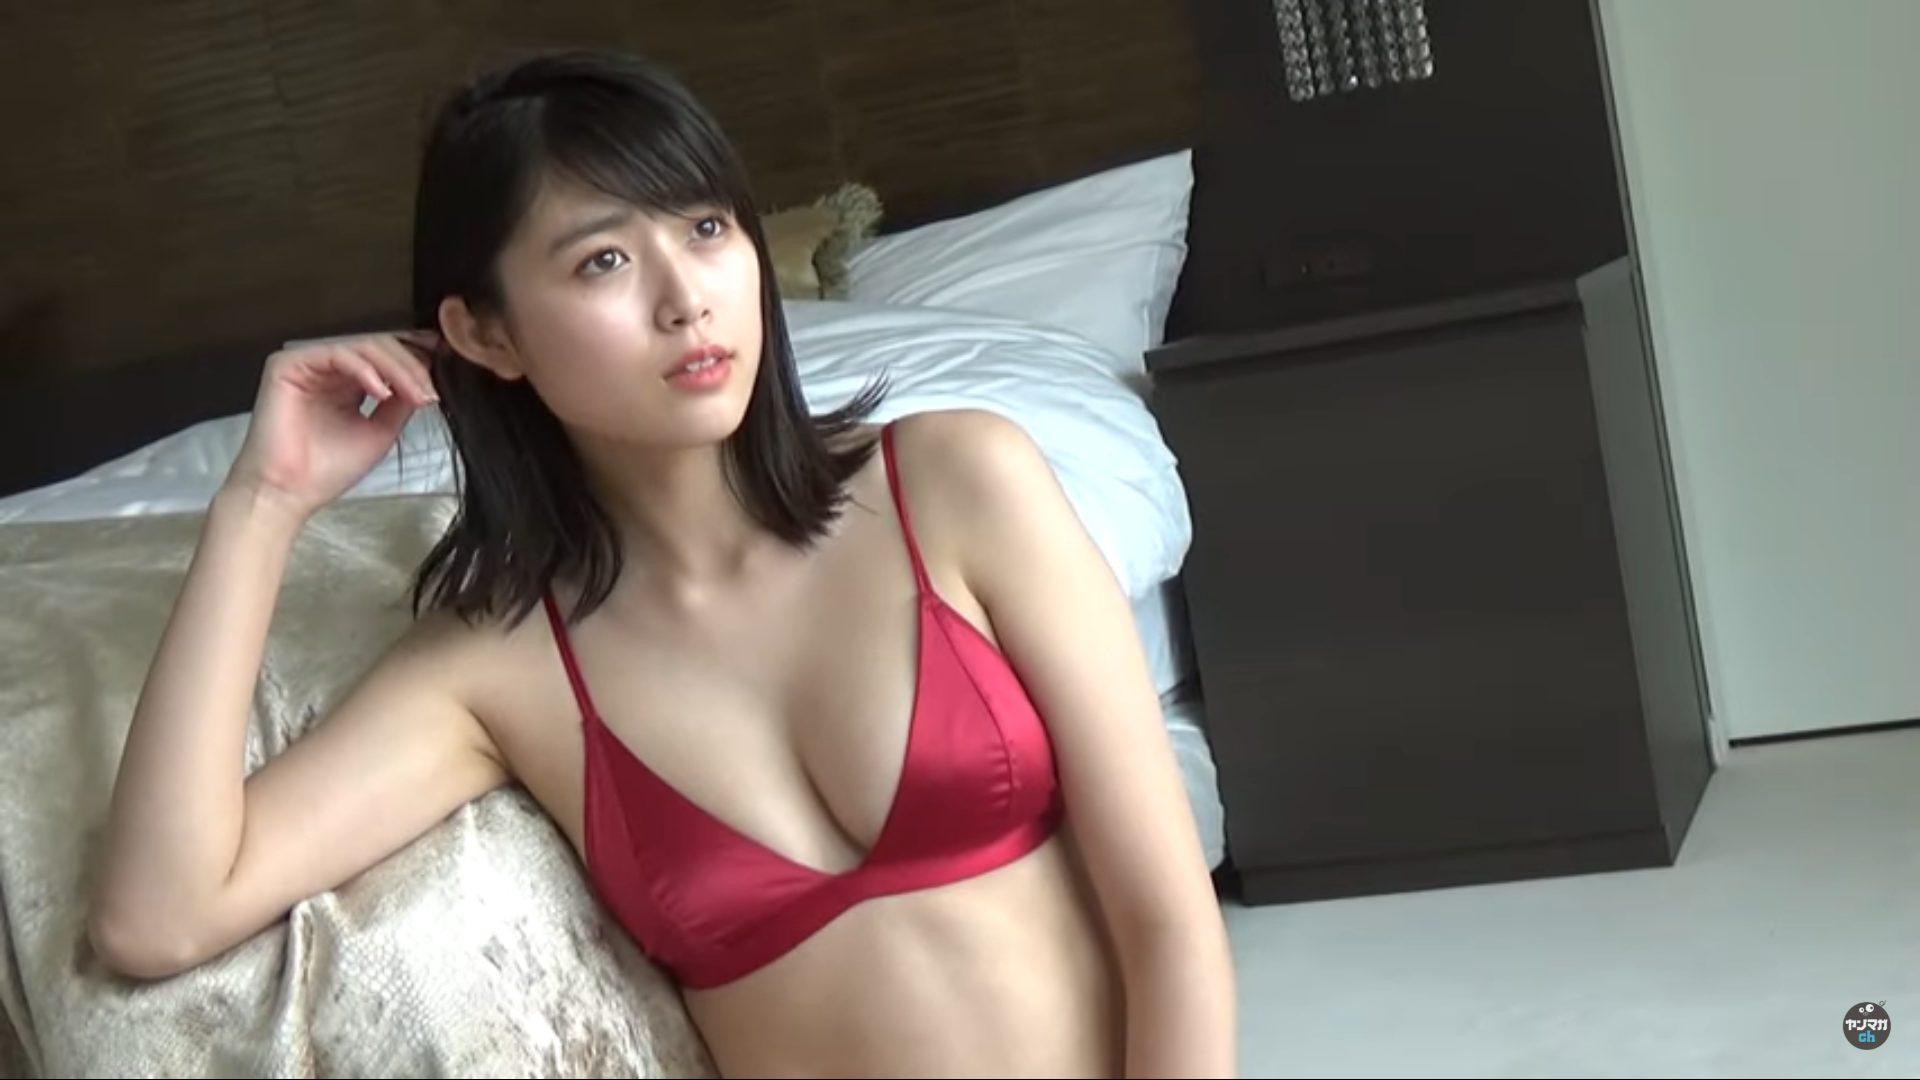 【北向珠夕】Eカップ3 ヤンマガグラビア動画!水着姿で魅了!